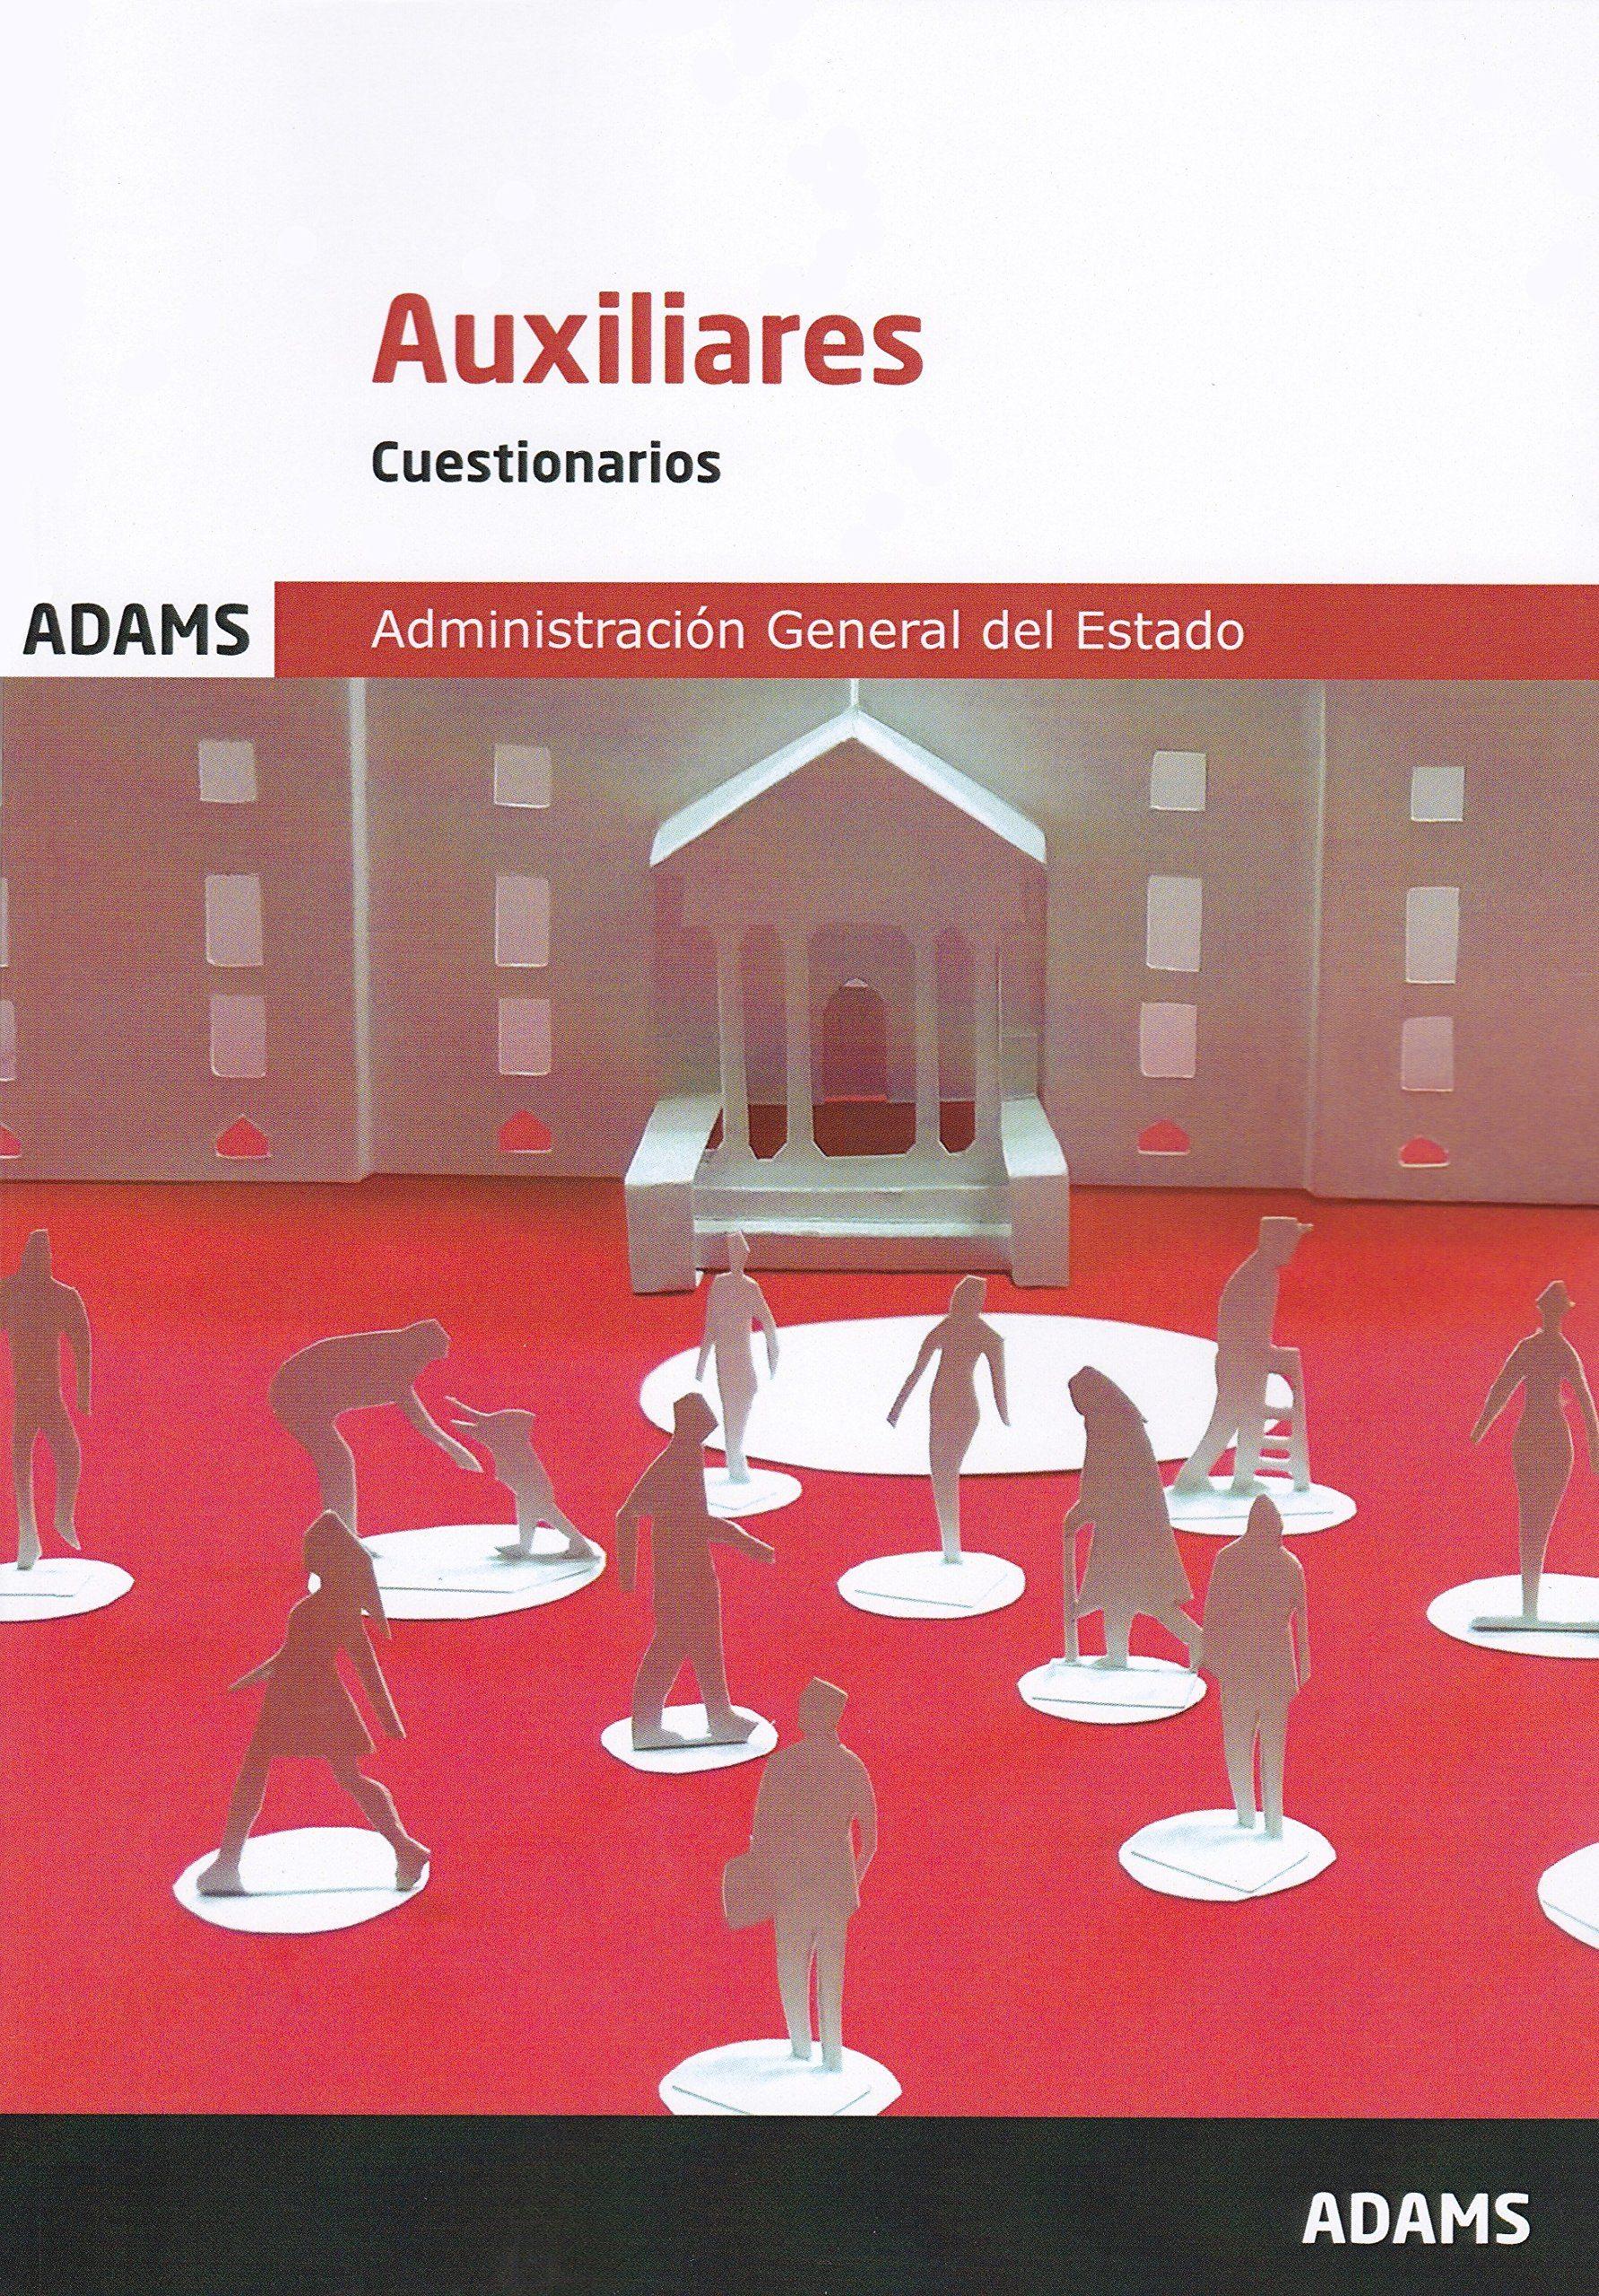 auxiliares cuestionarios administracion general del estado-9788491472384